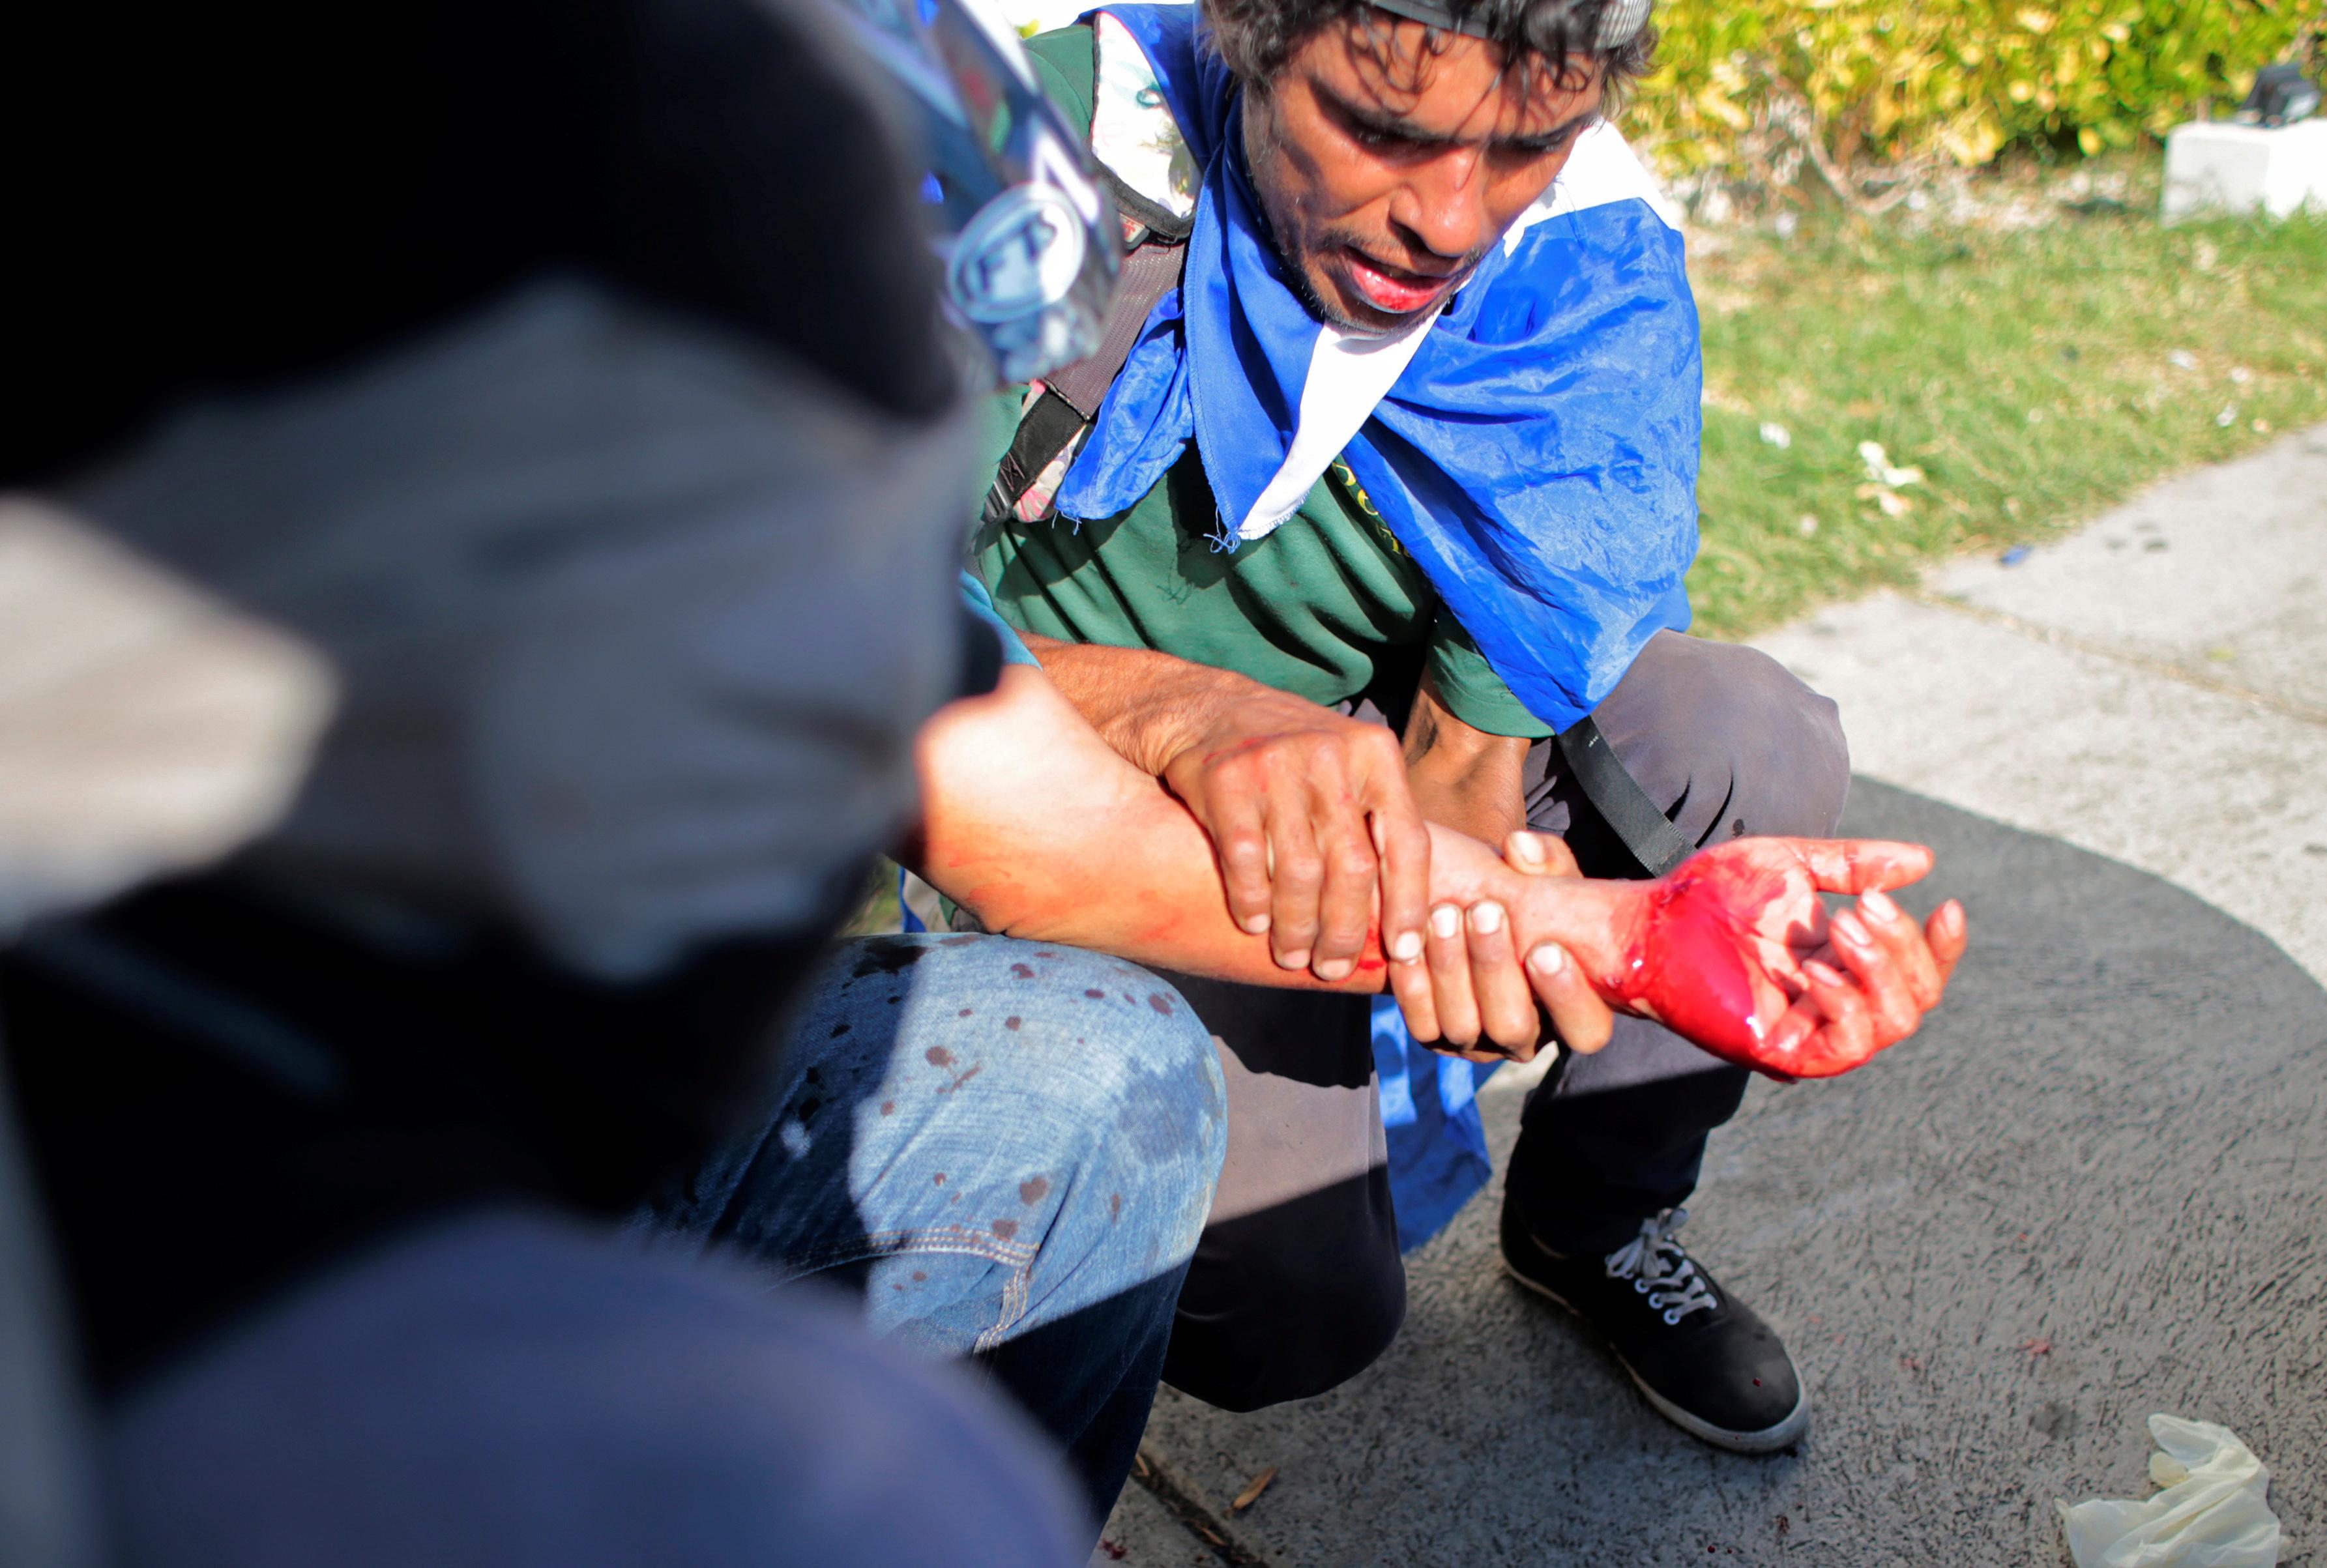 متظاهر أصيب خلال الاحتجاج